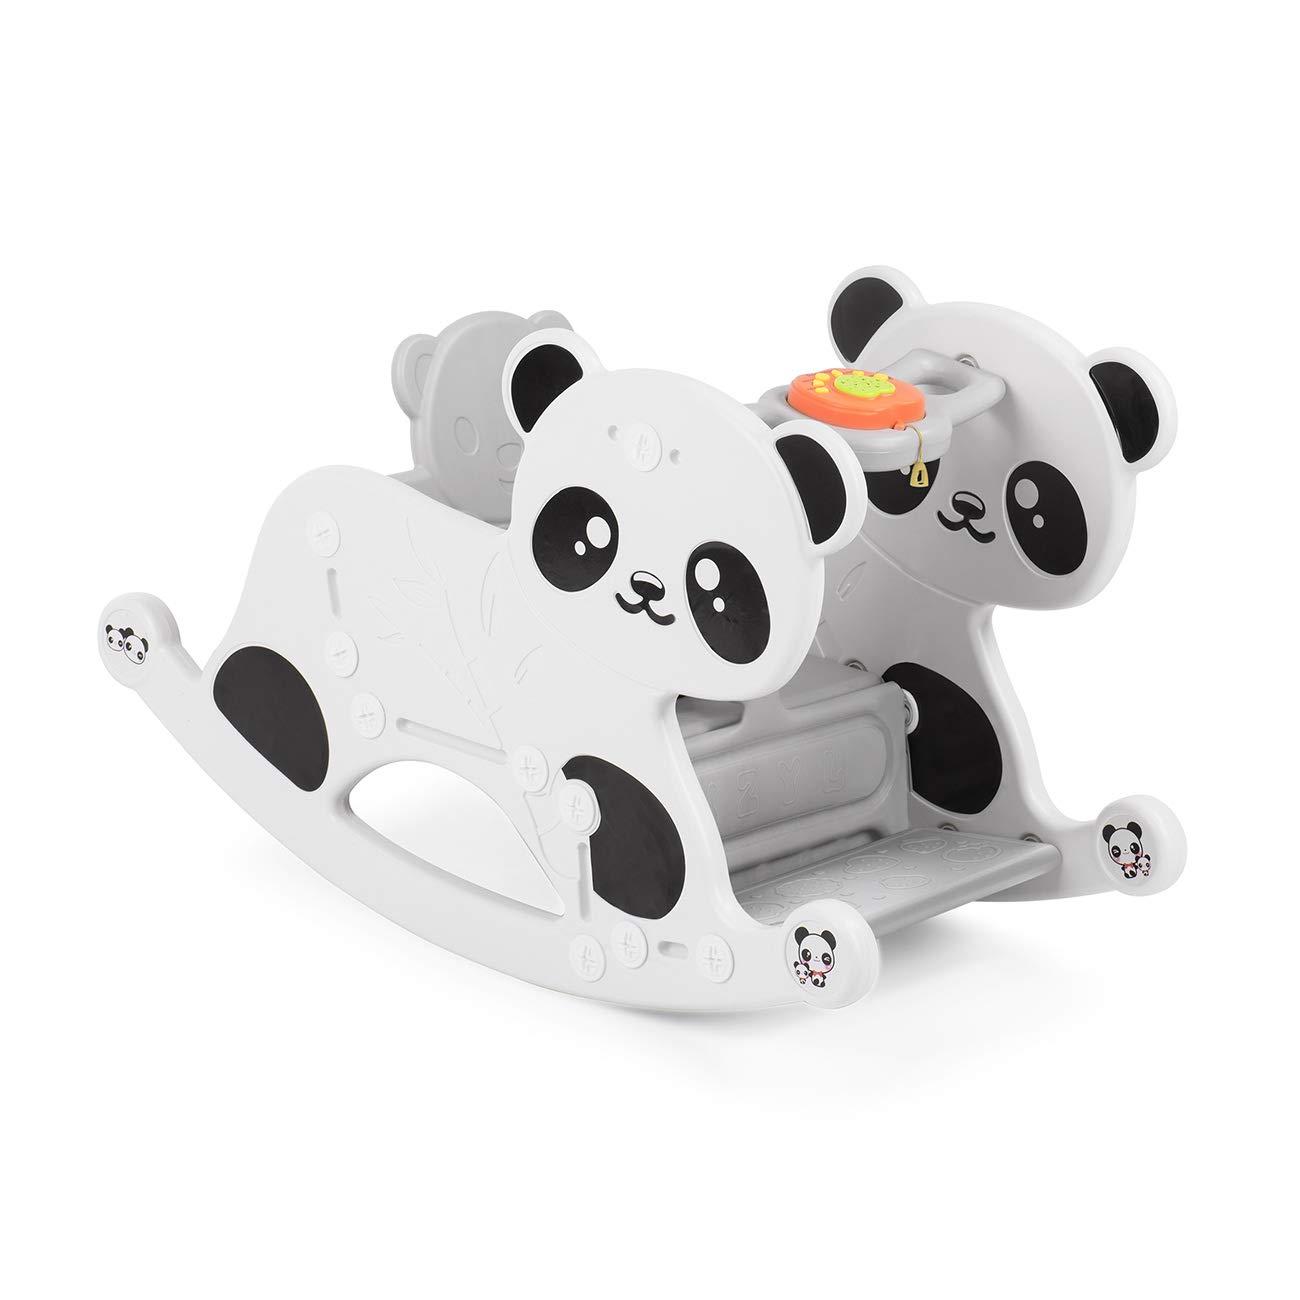 Baby Vivo Cheval à Bascule Musical Panda à Bascule Balançoire Bébé Jouet Enfant avec Élément de Musique